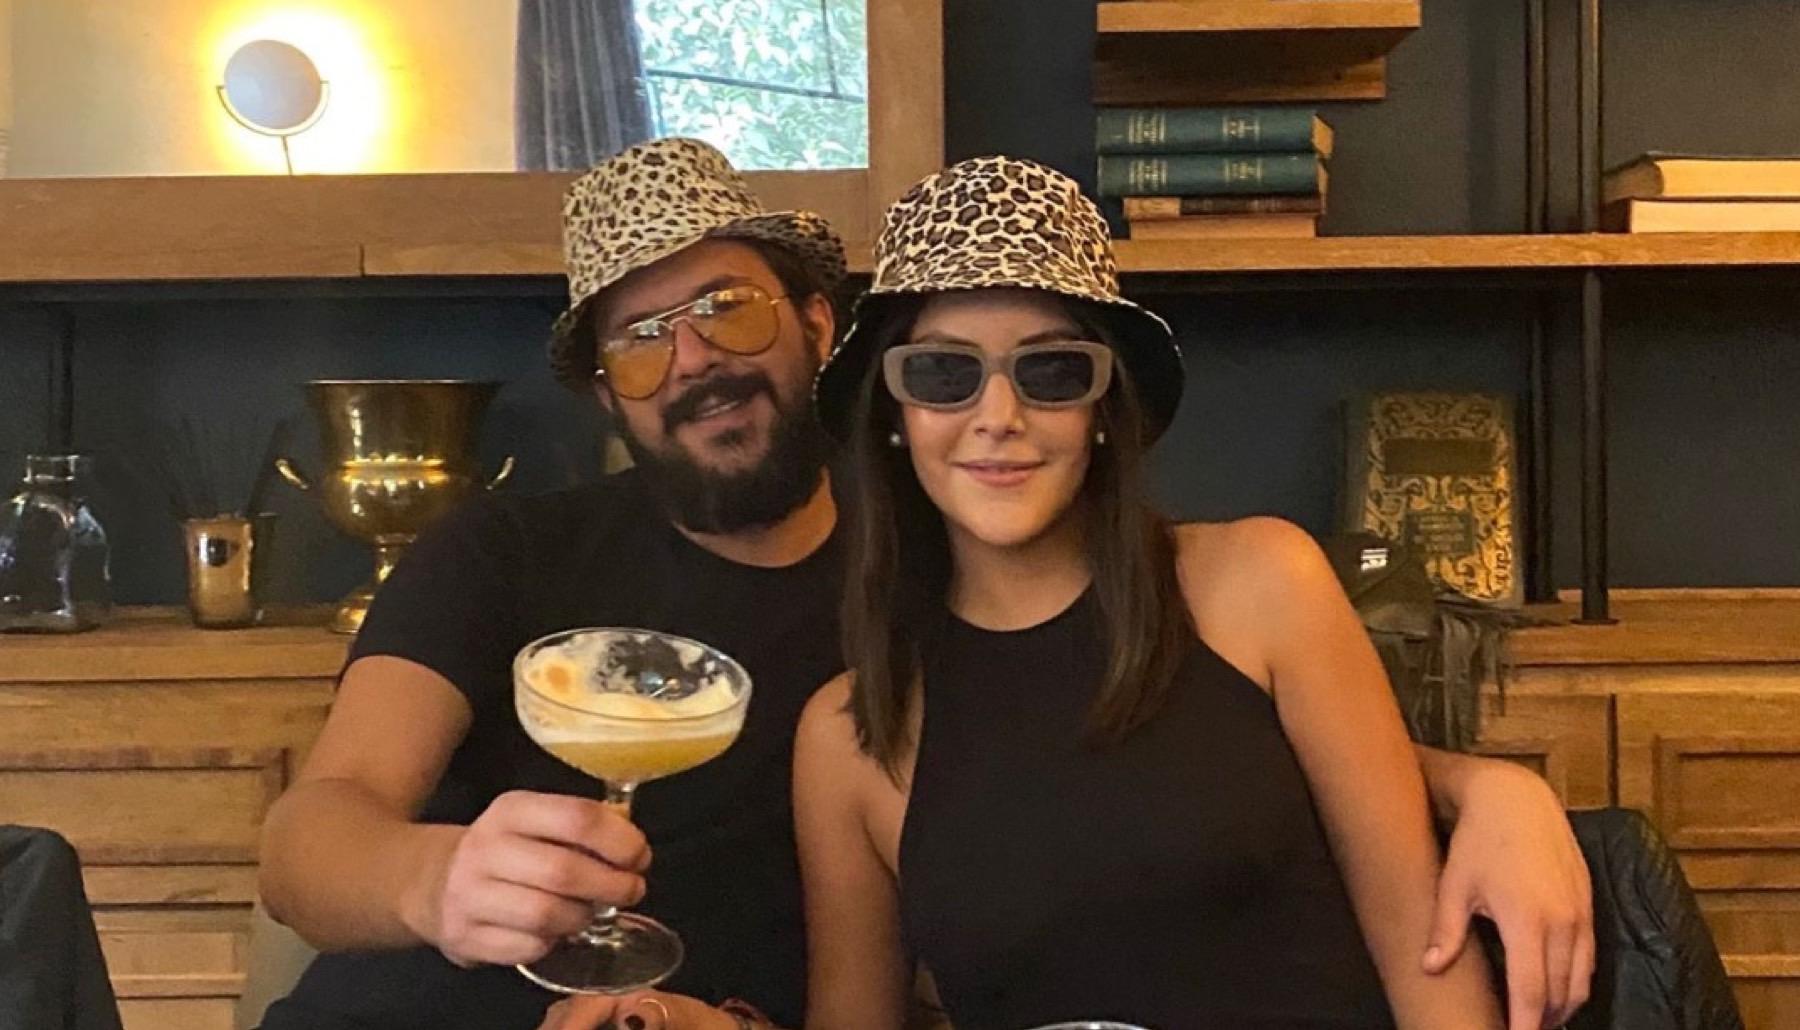 muffin hats